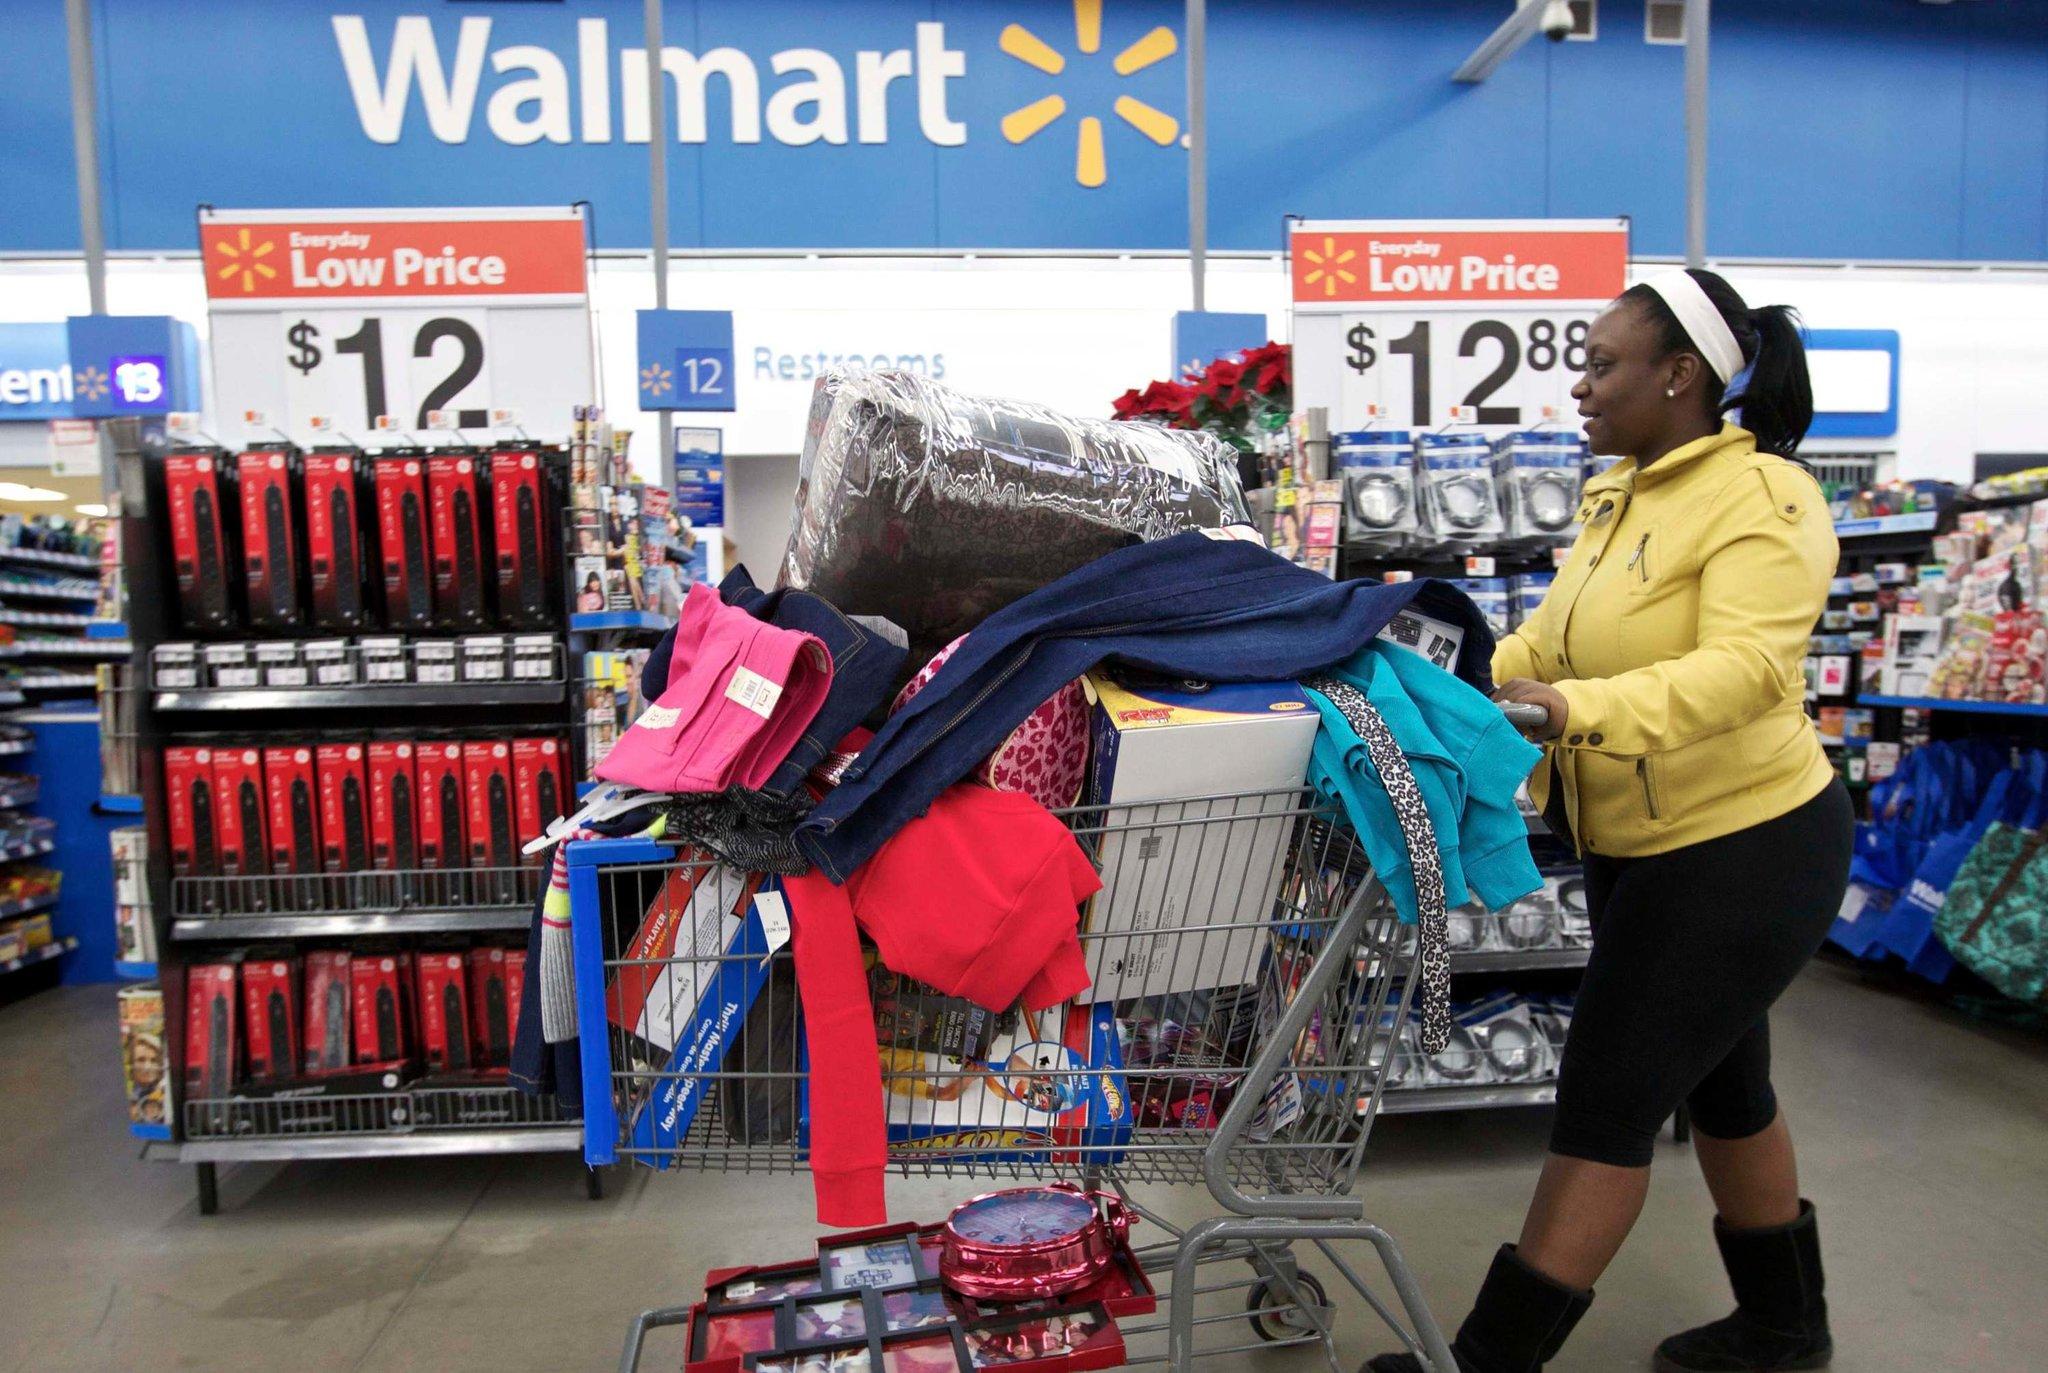 Walmart-superJumbo.jpg